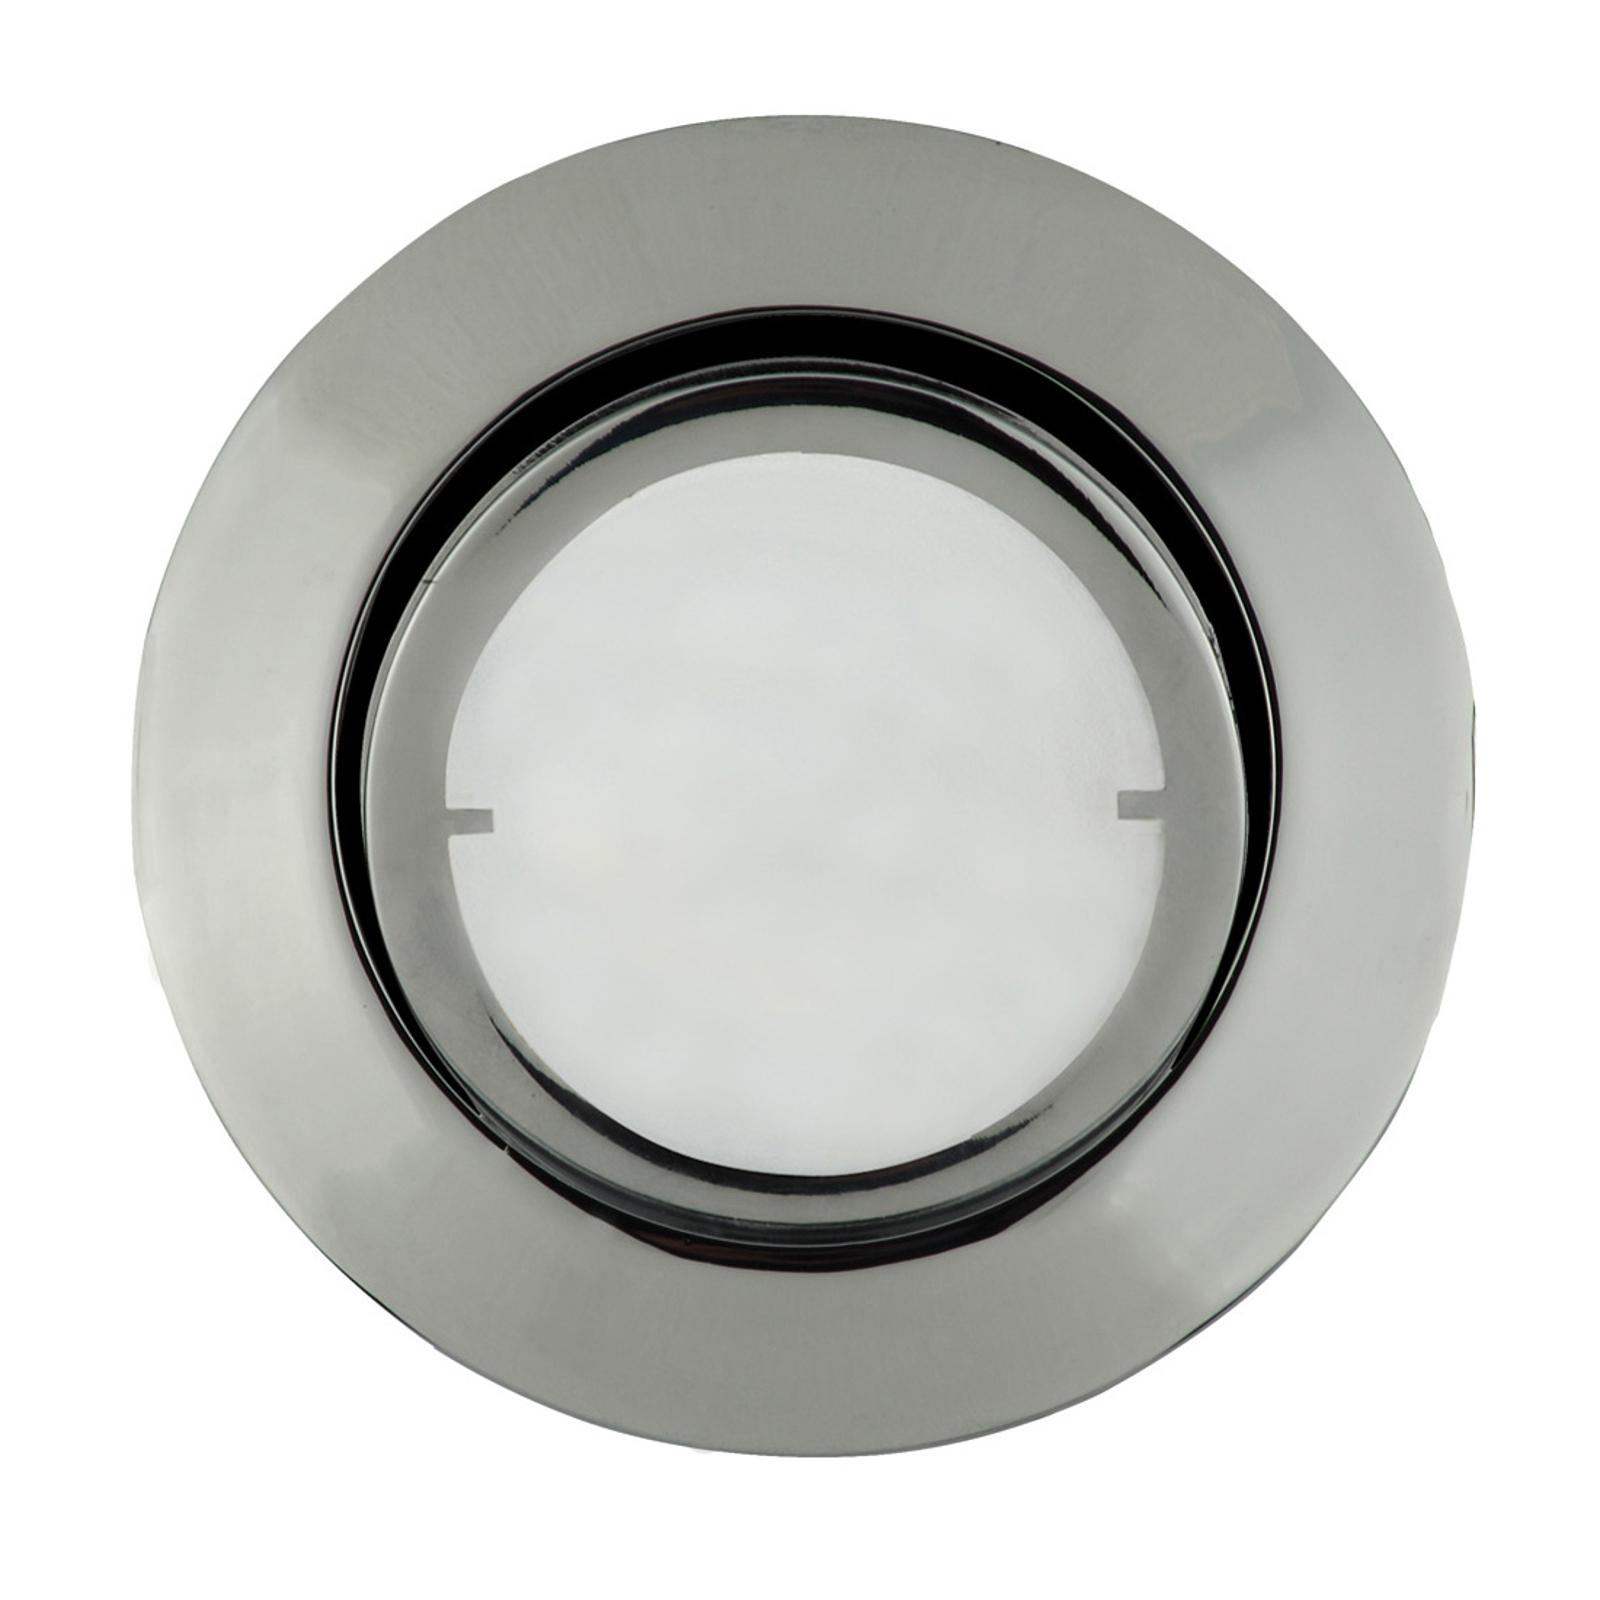 Lampe encastrable LED Joanie ronde, chromé